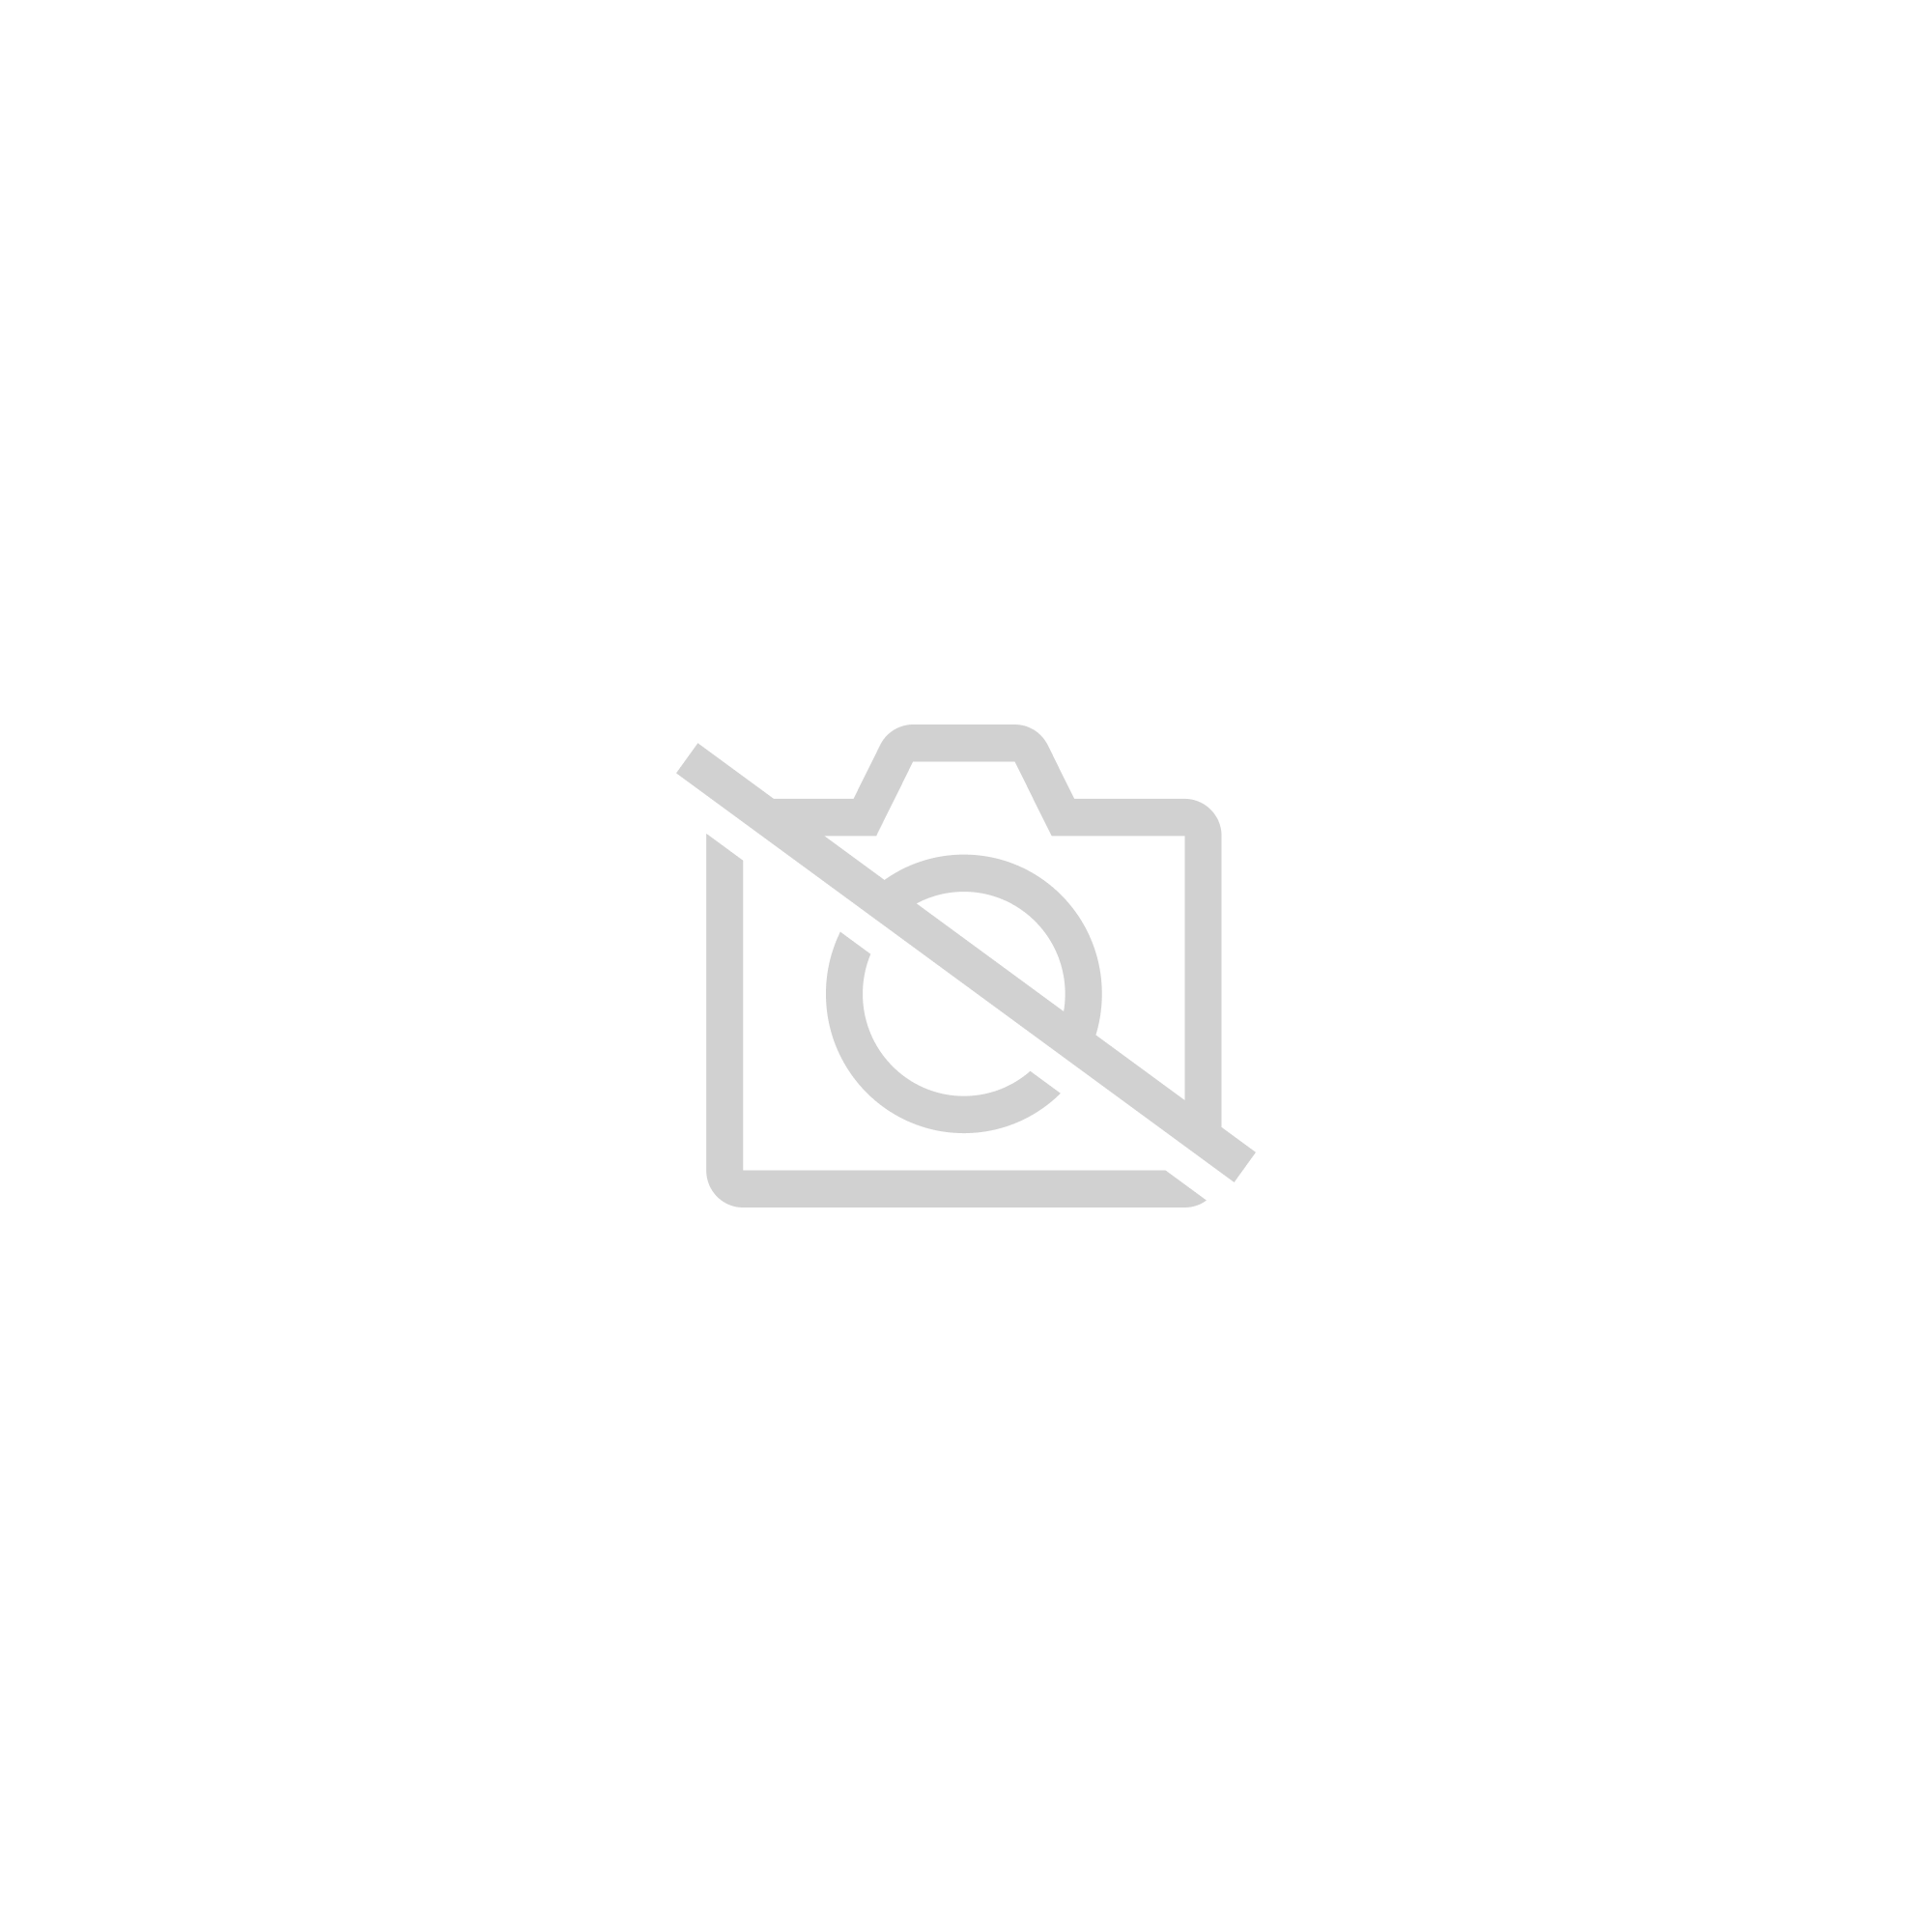 Lamona Carlton sterling intérieur porte four verre 300150069